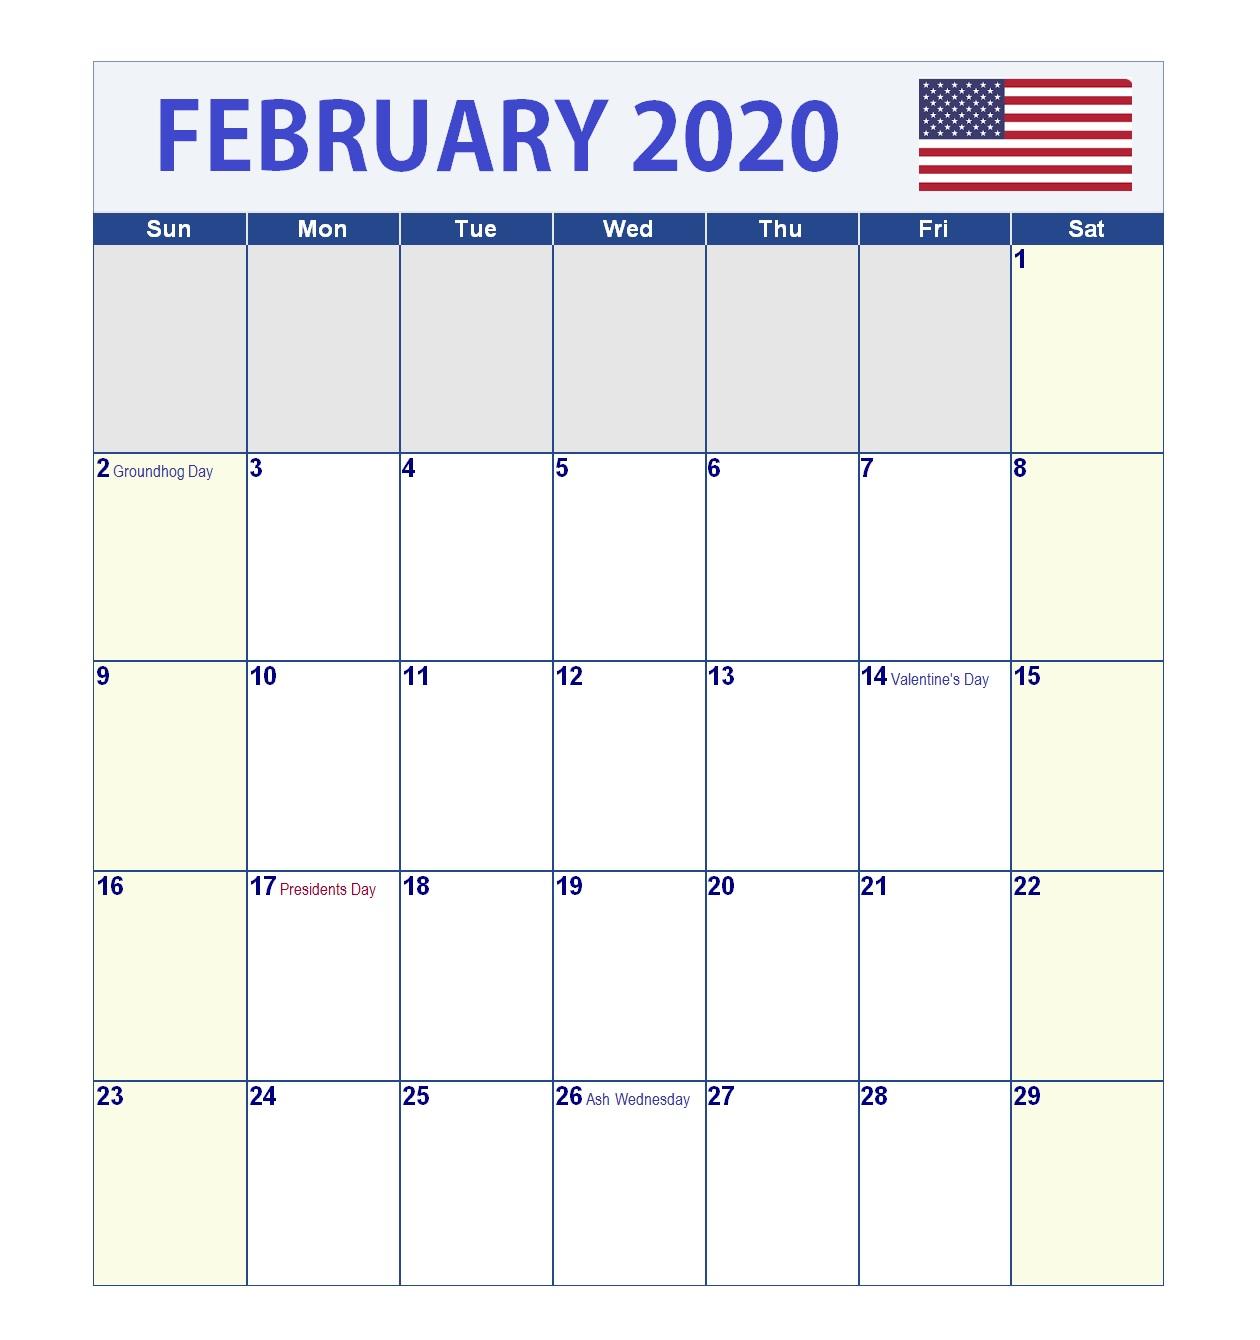 February 2020 USA Holidays Calendar